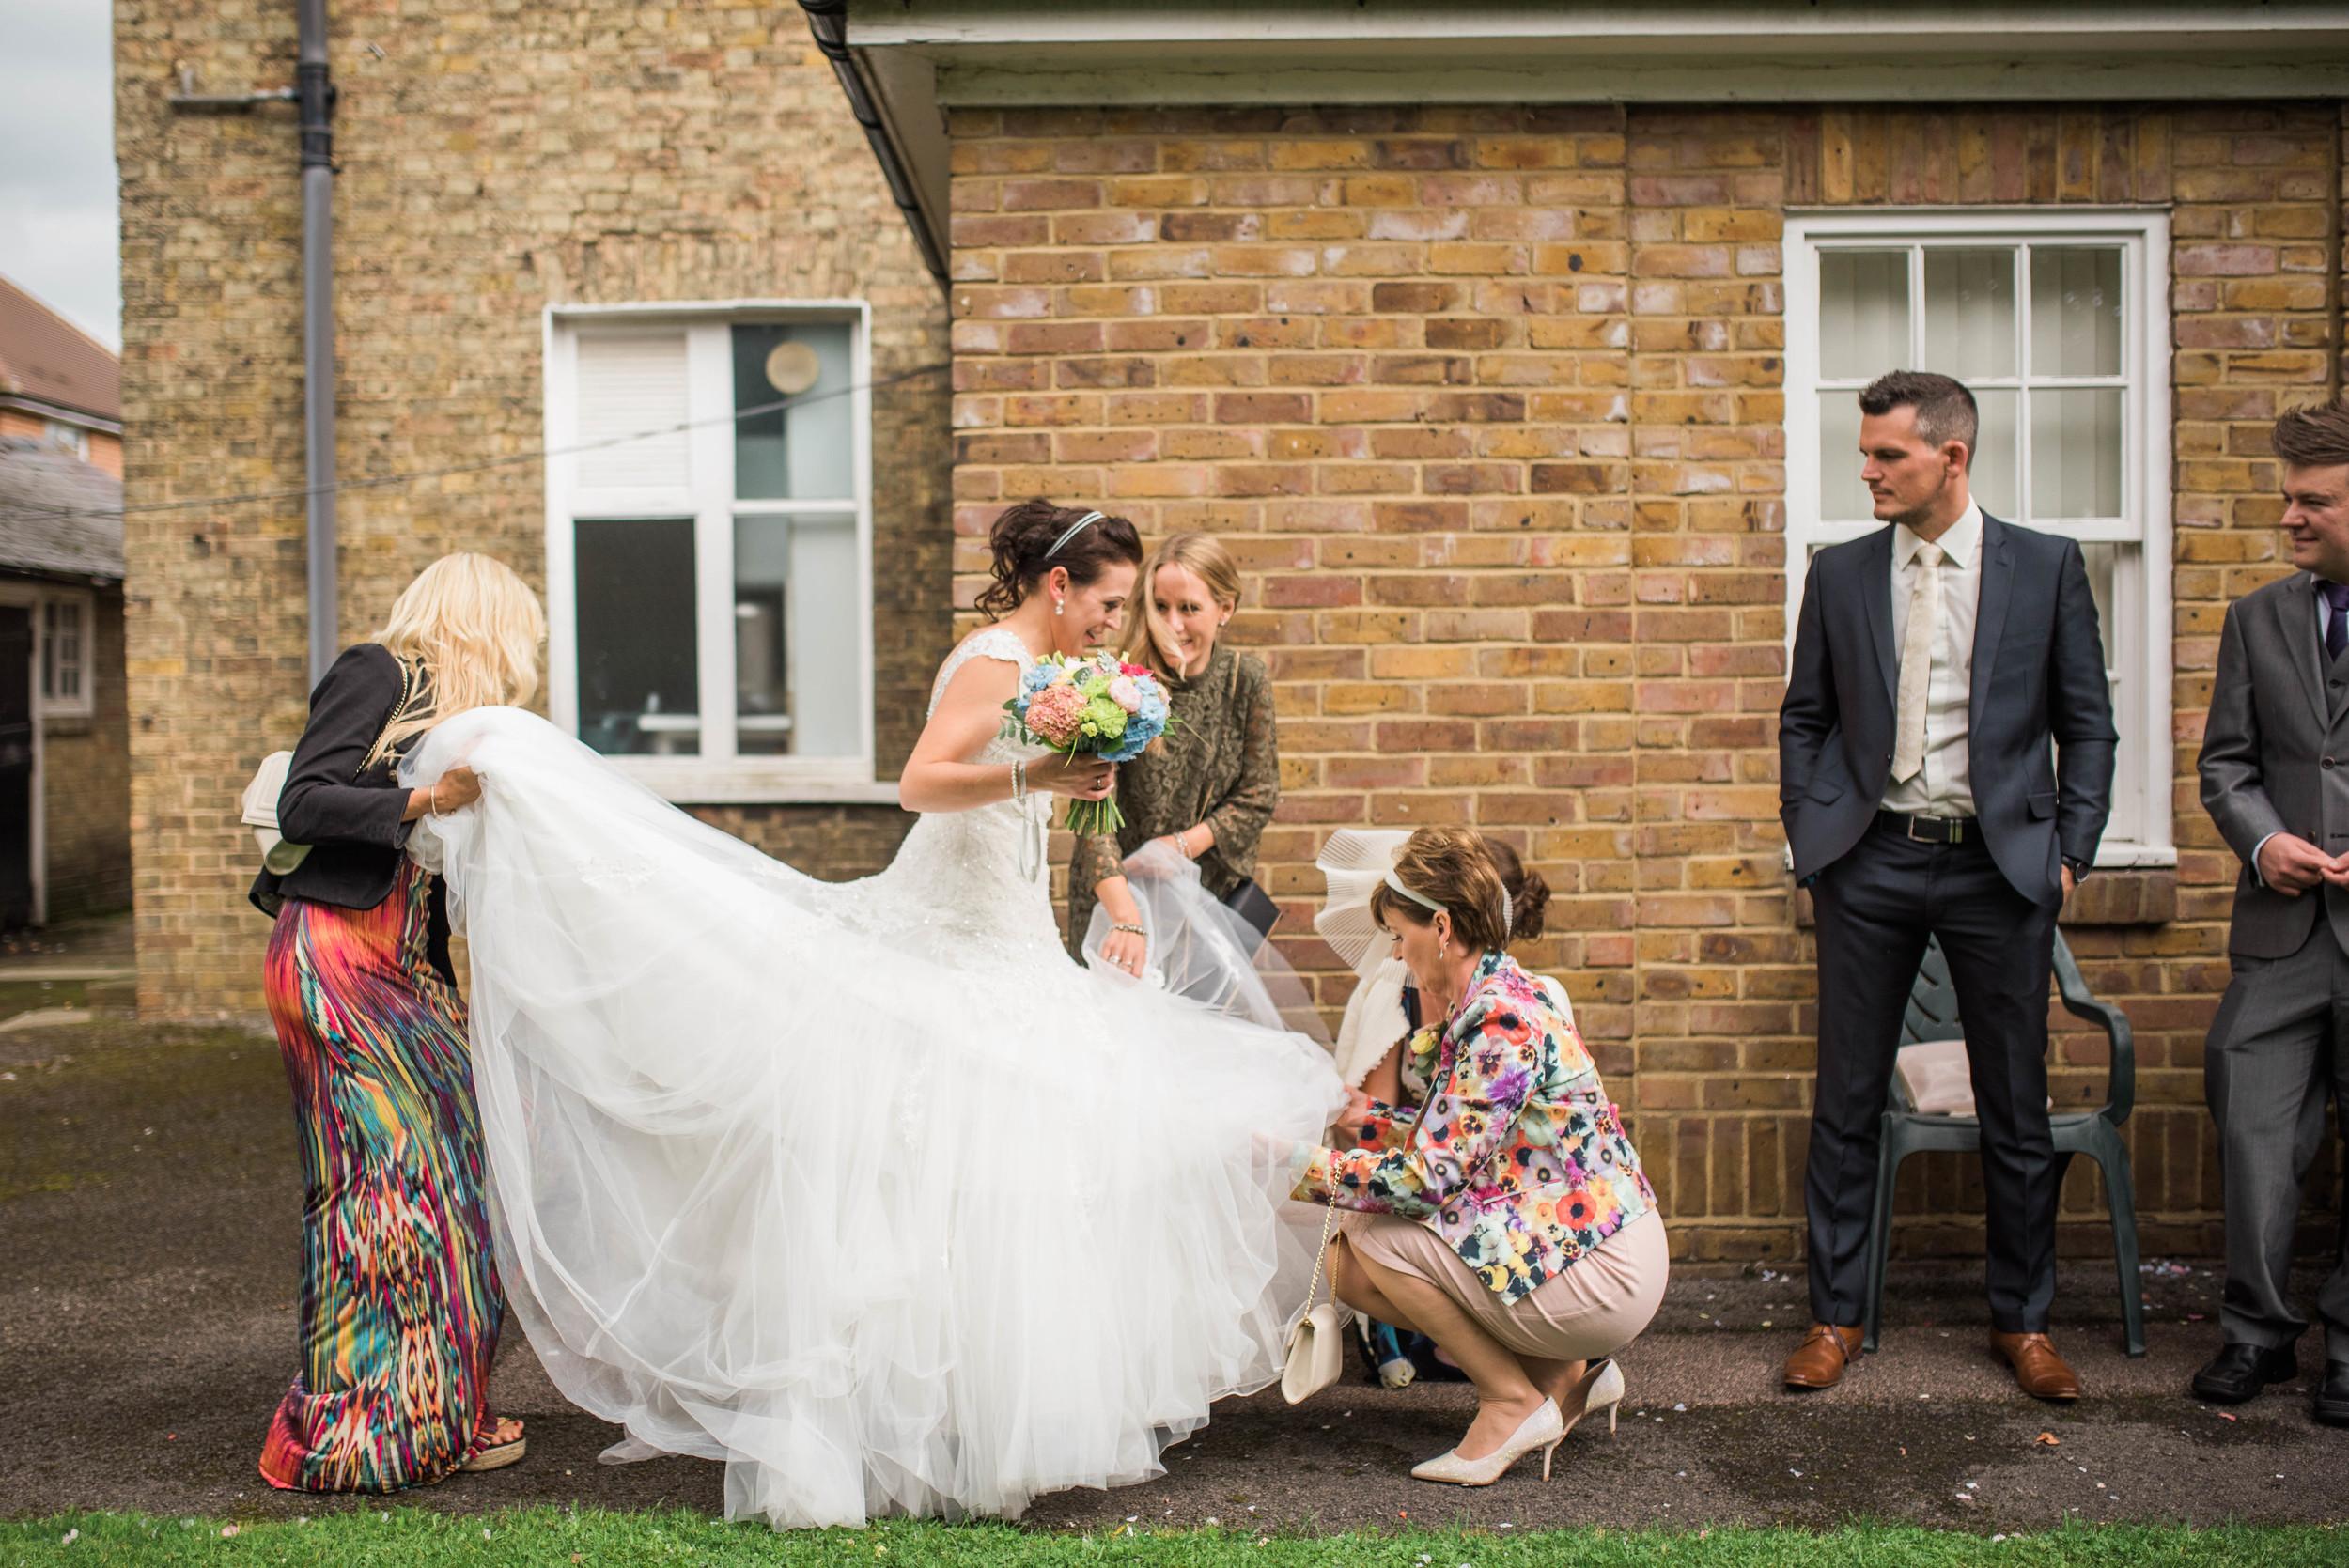 17 Bride Groom Wedding Photography Buckinghamshire.jpg